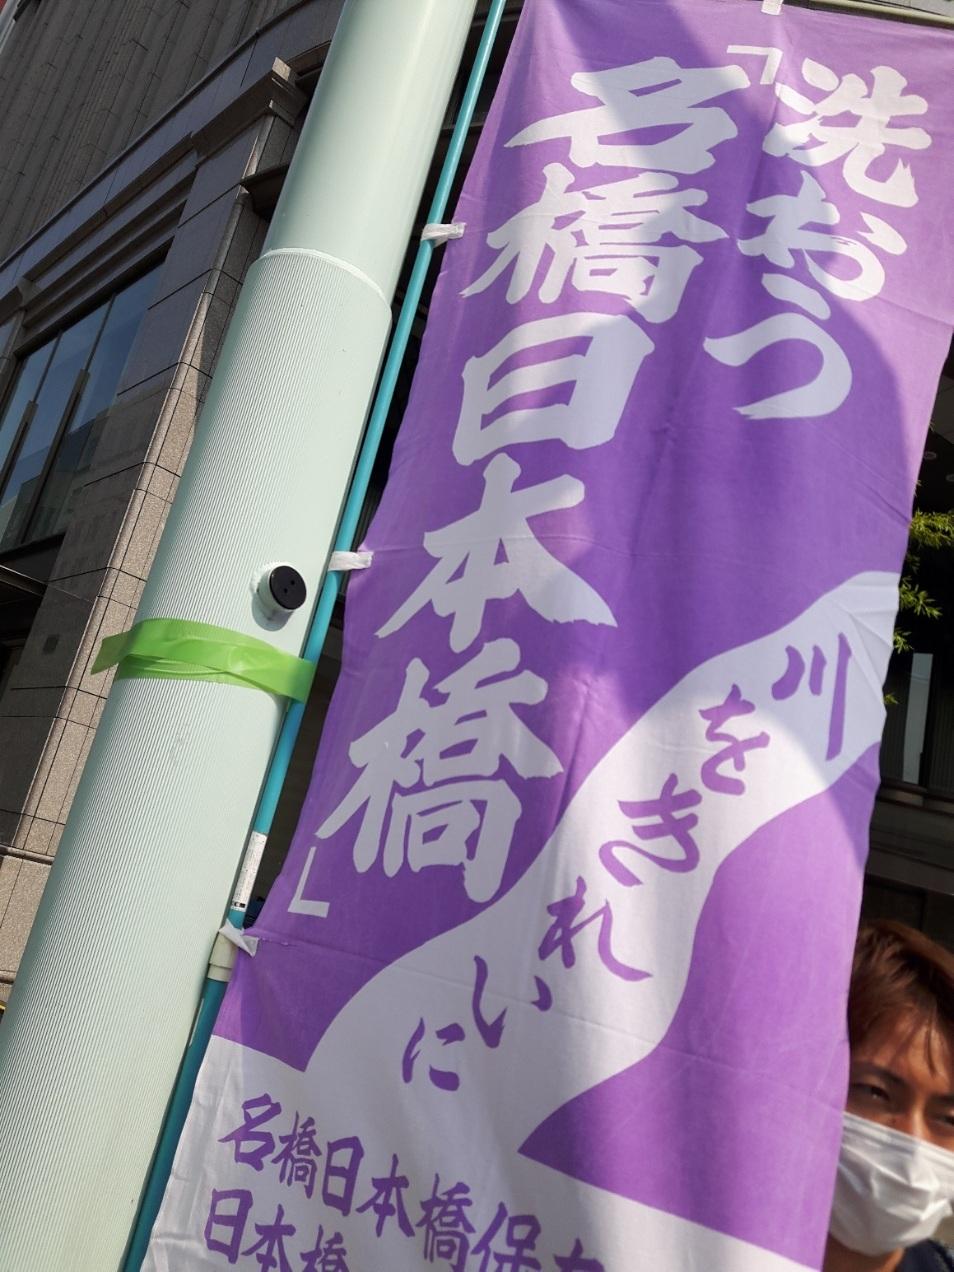 日本橋の中心で(・∀・)_d0062076_11385396.jpg